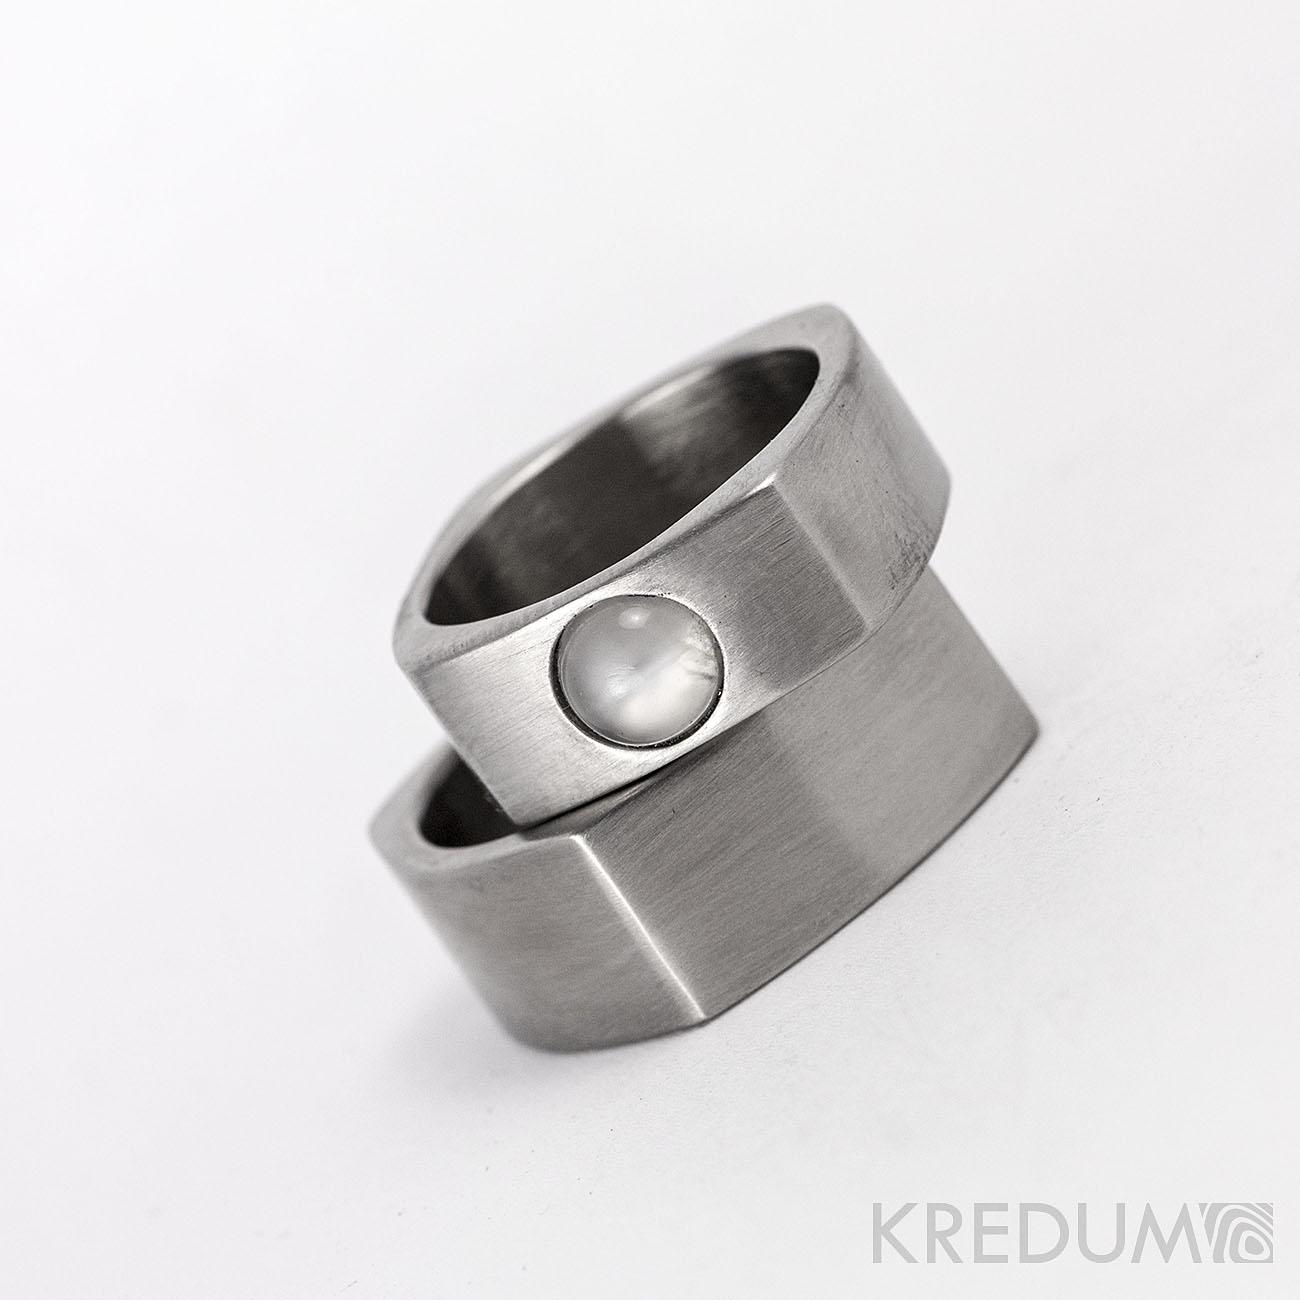 Ocelové snubní prsteny a měsíční kámen - Obrázek č. 2